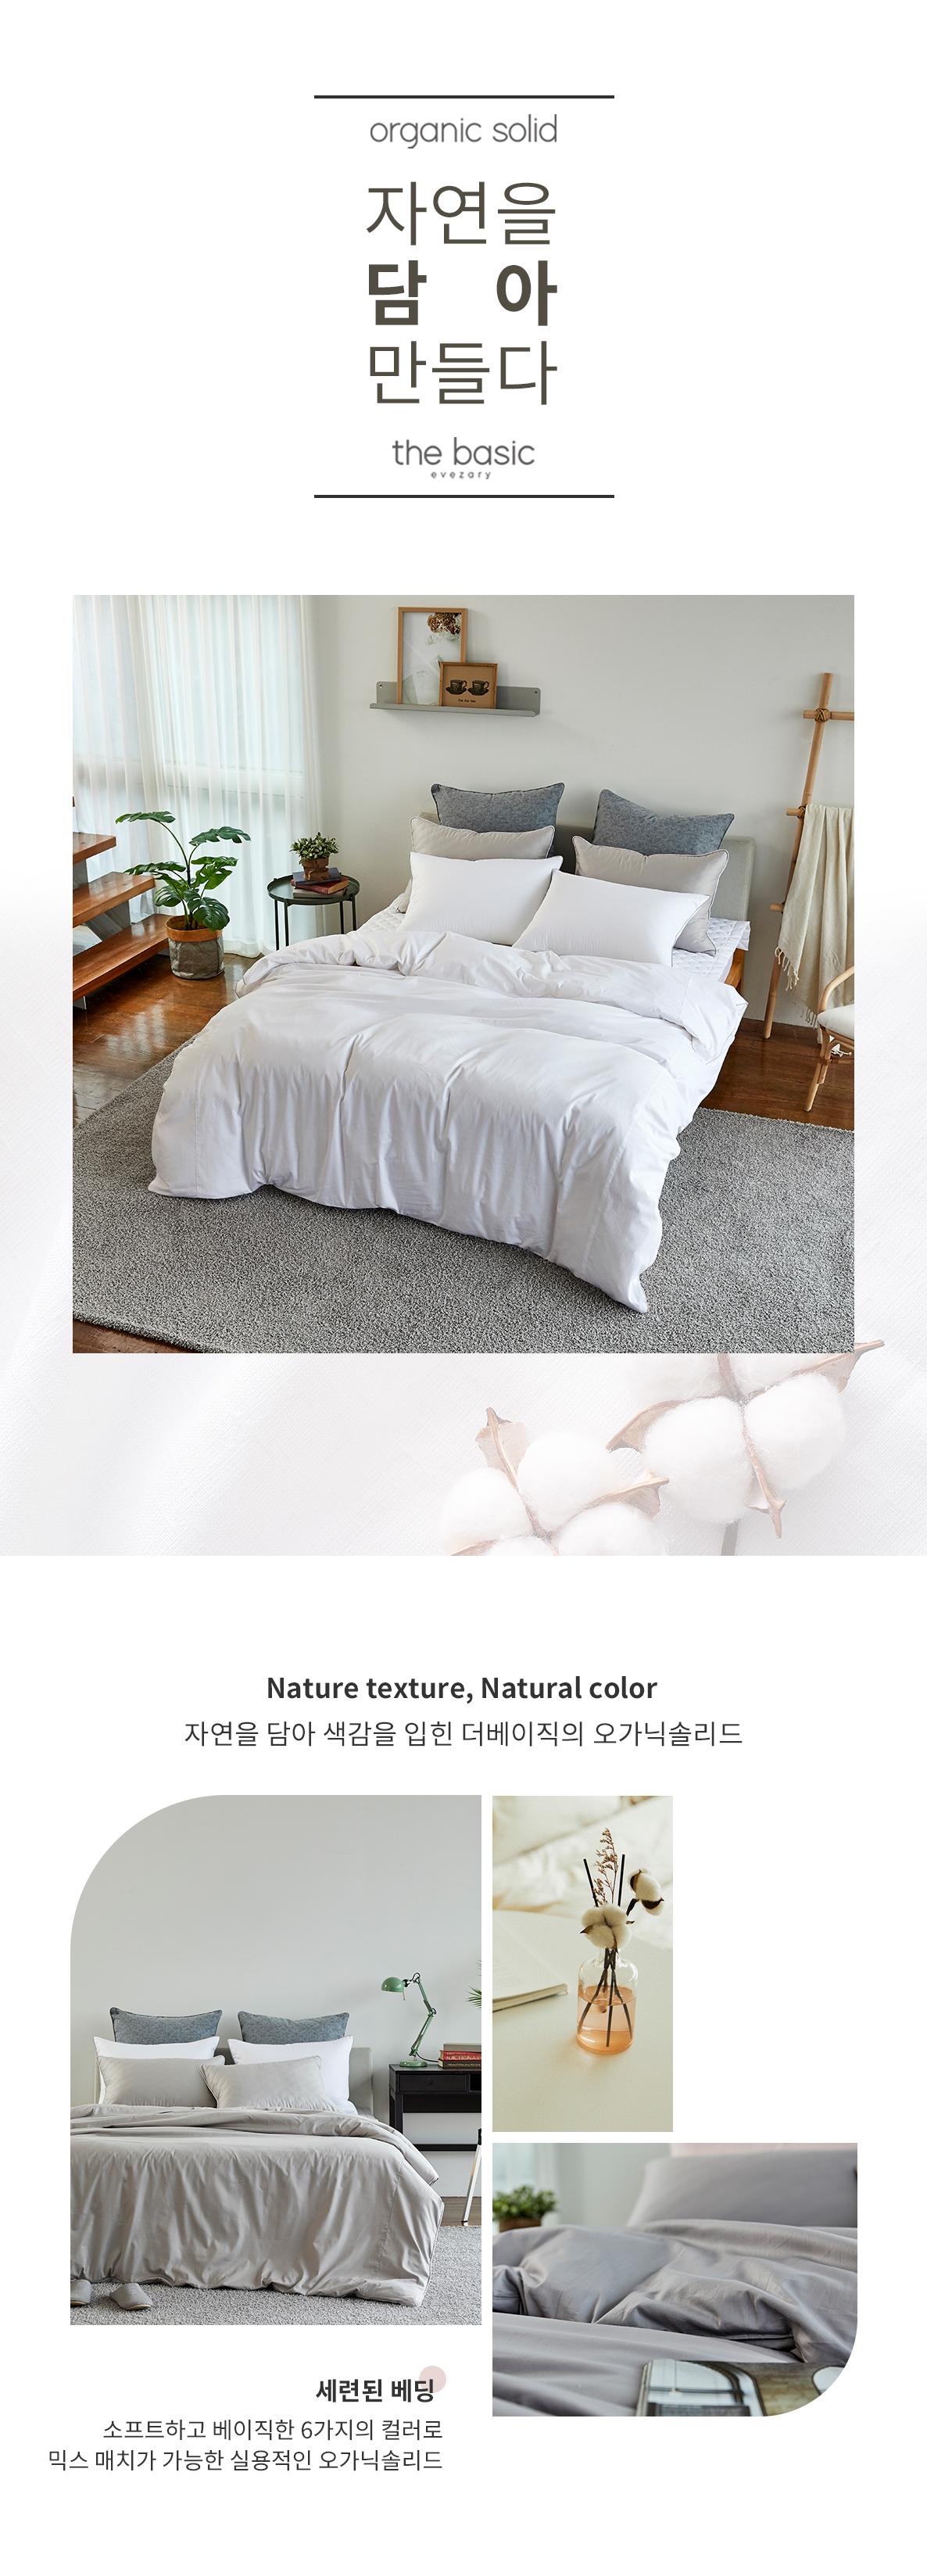 21HS리뉴얼_오가닉솔리드-홑이커1(수정)_01.jpg